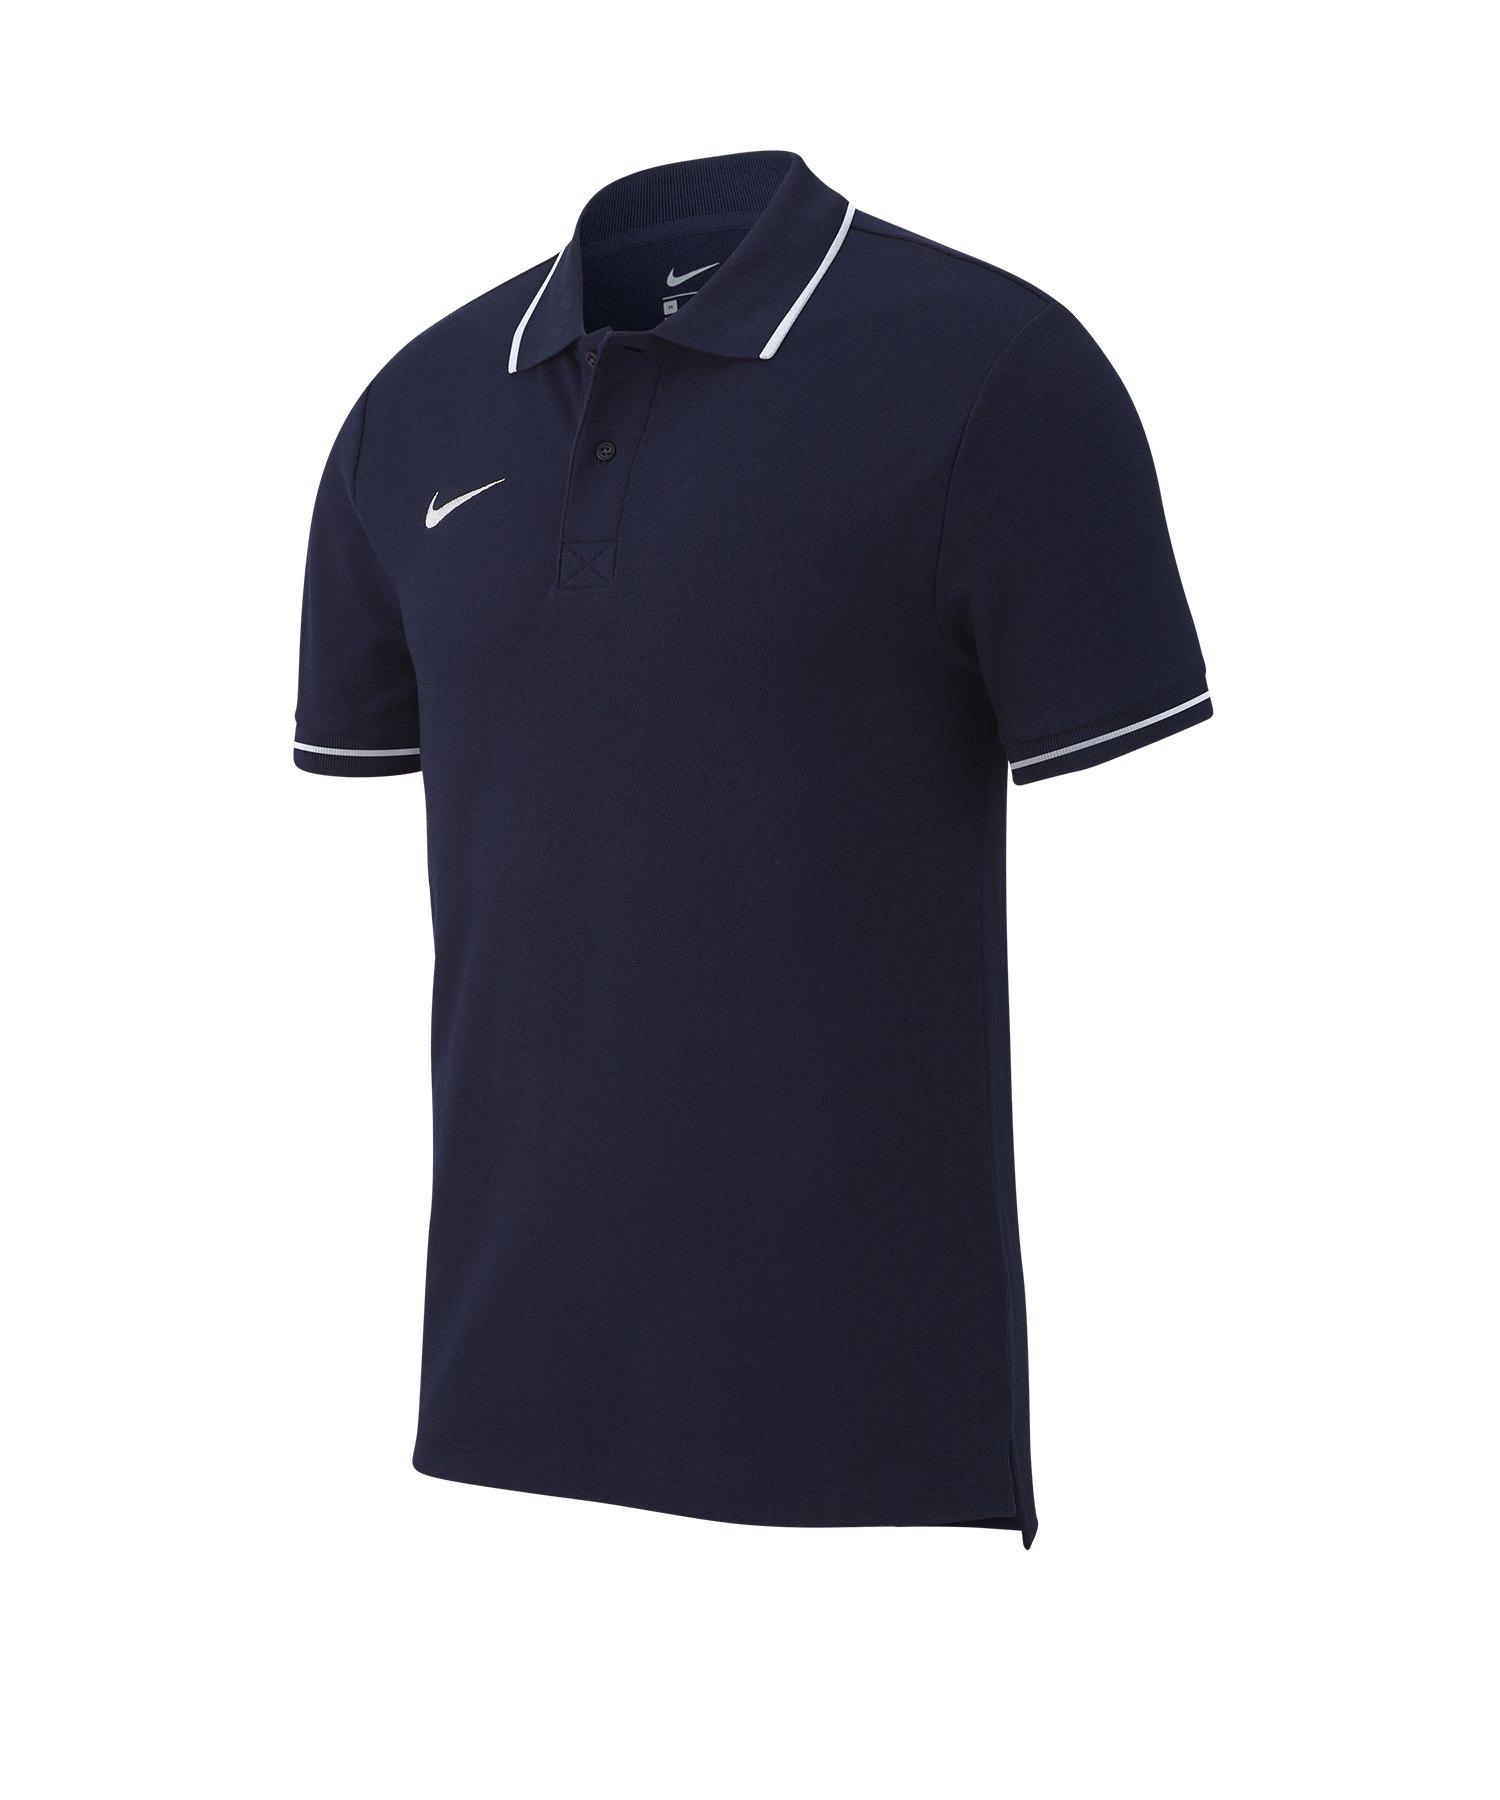 new style c6b81 96268 Nike Club 19 Poloshirt Blau F451